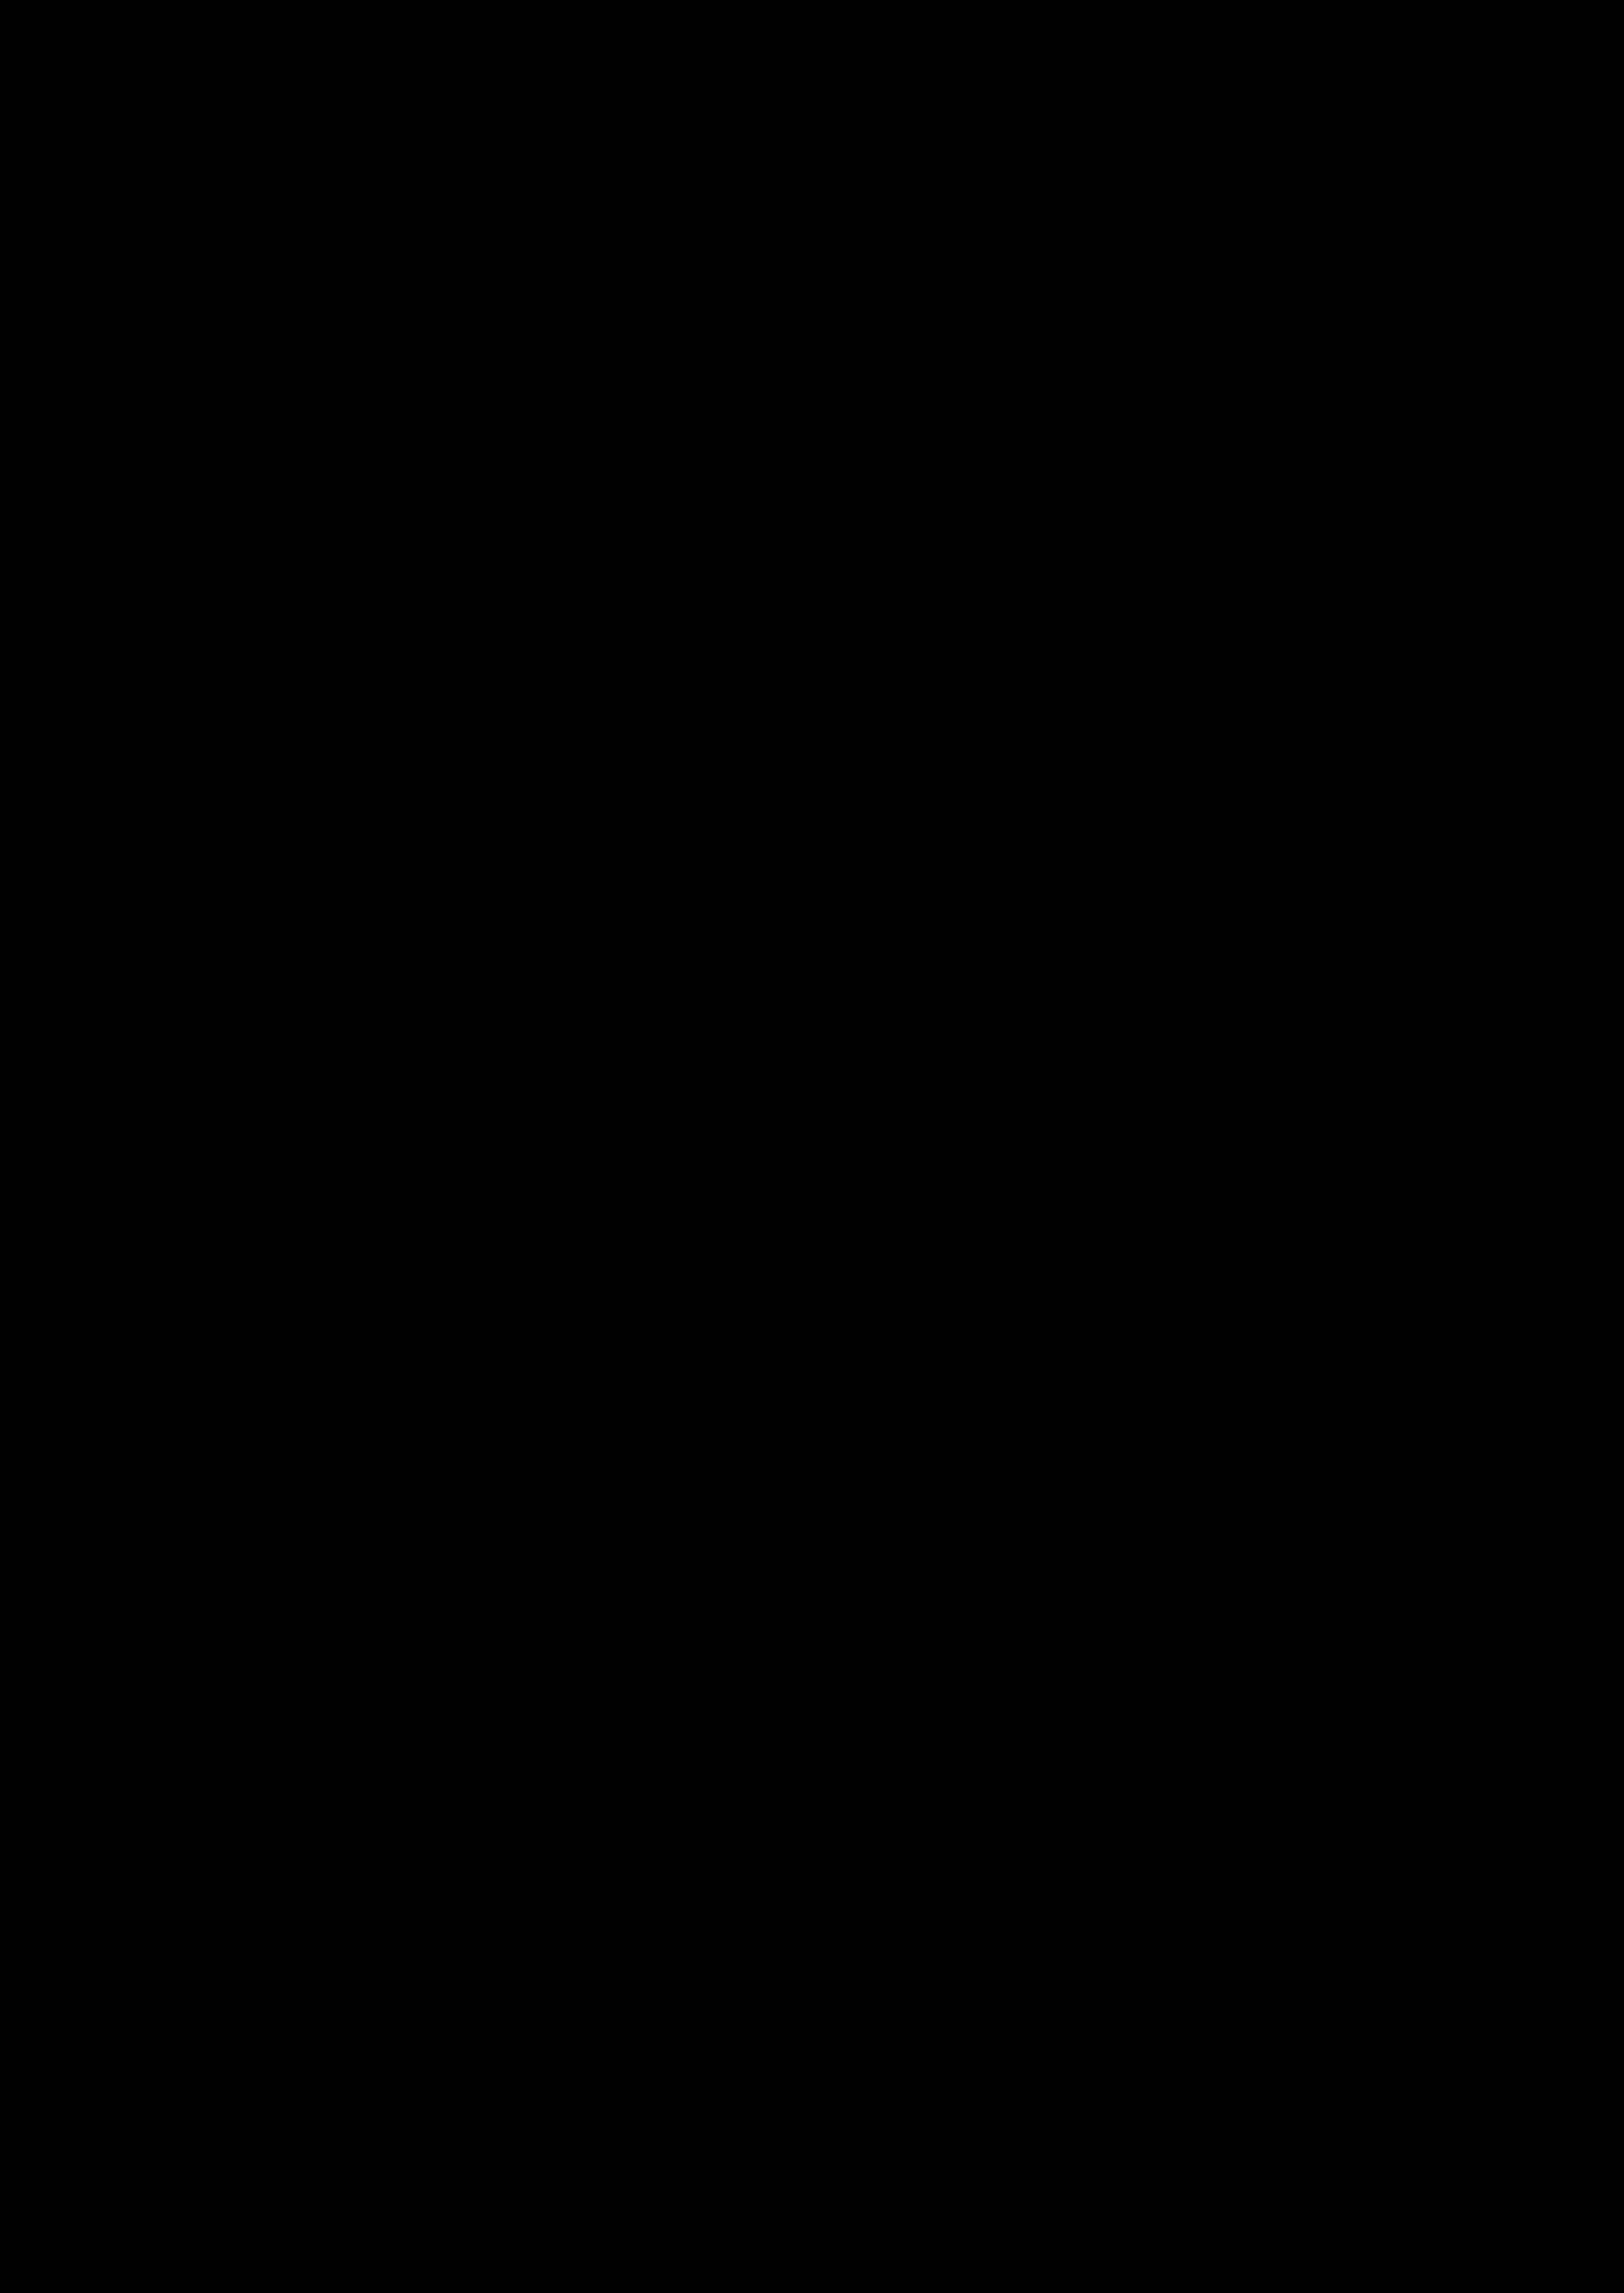 【エロ漫画・エロ同人誌】輪姦願望がある変態女装男子が乱交エッチでアナル突かれまくりwアナルからザーメン垂れまくりwww 大人のおもちゃ(同人版)